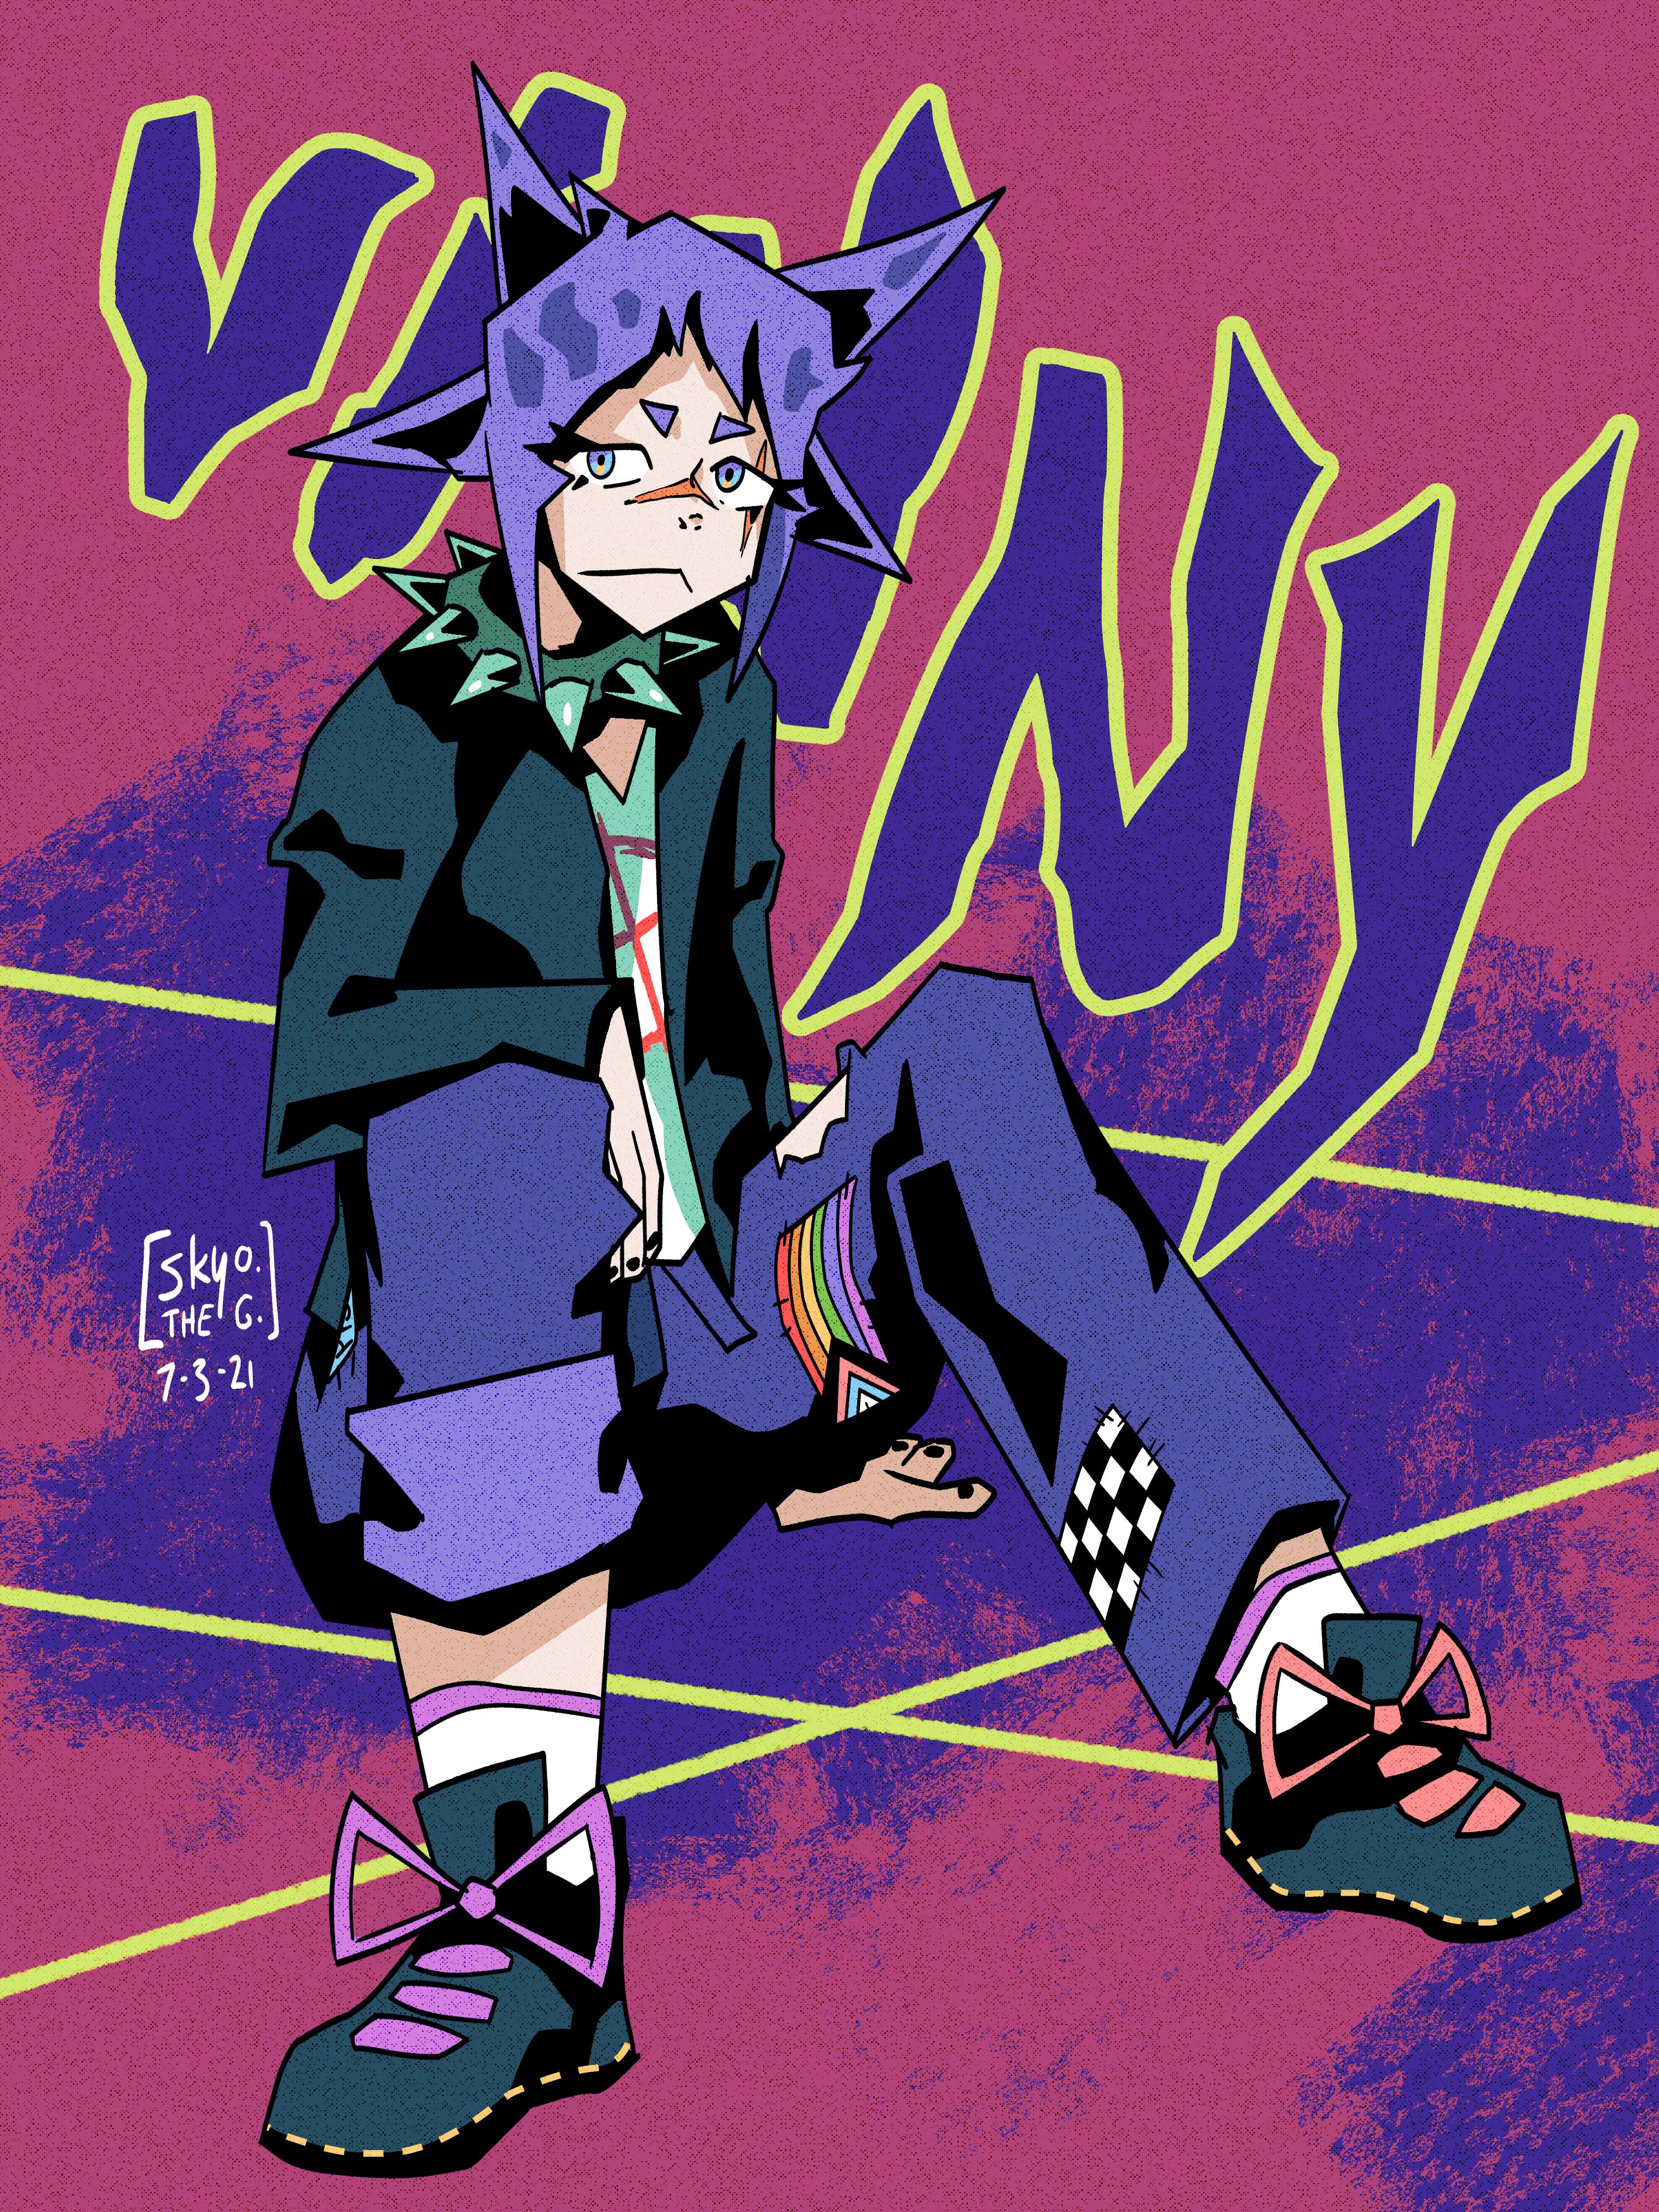 [Artfight 2021] Vinny!